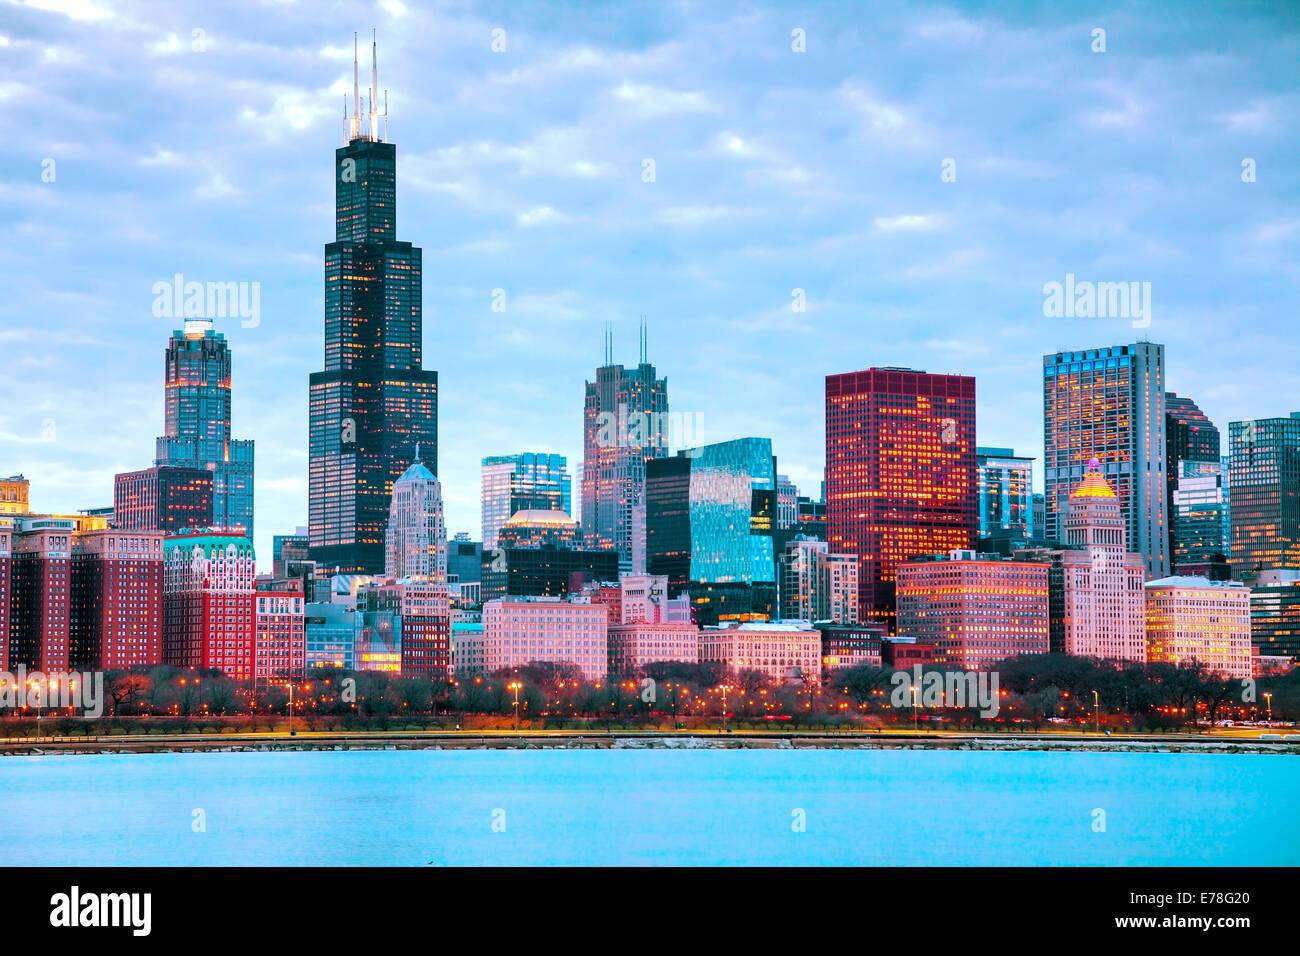 Le centre-ville de Chicago cityscape at sunset Photo Stock